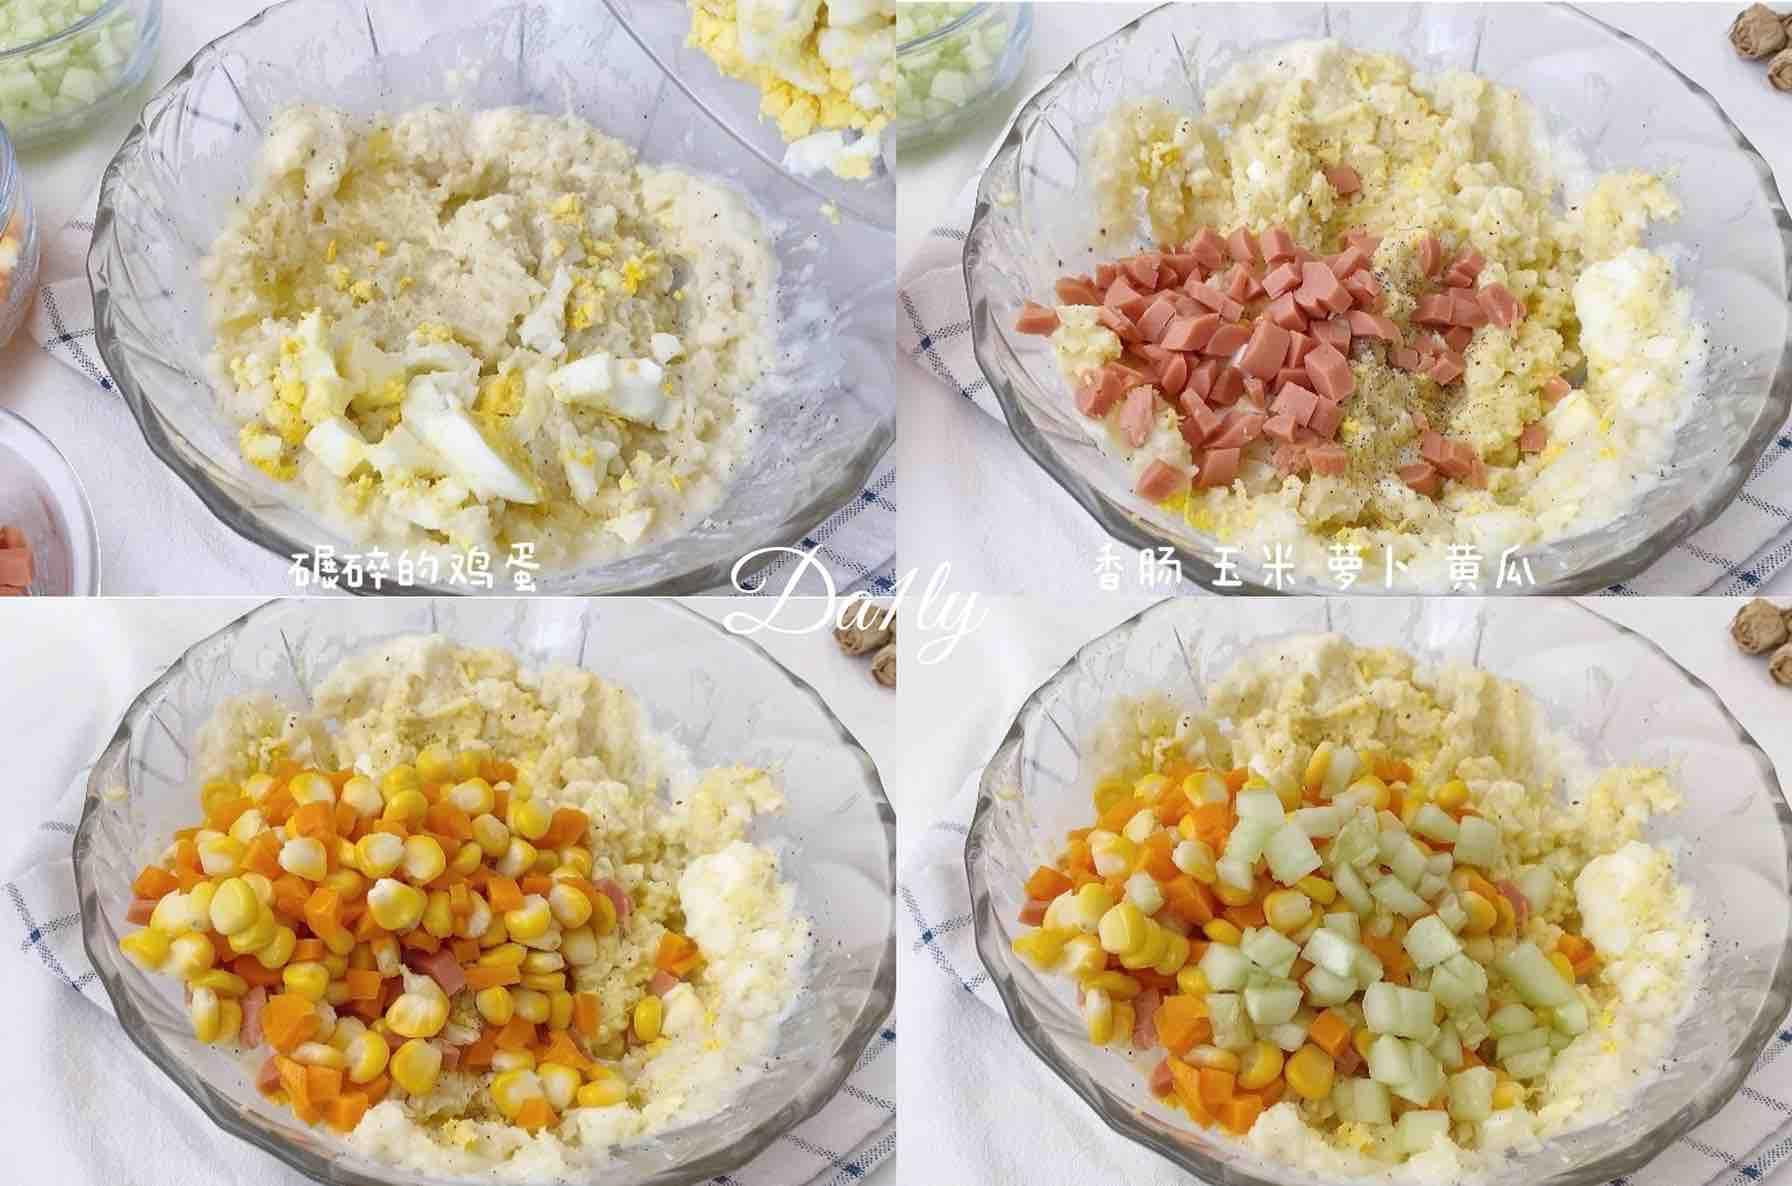 减肥期最佳代餐‼️低卡高颜值土豆泥沙拉怎么炒